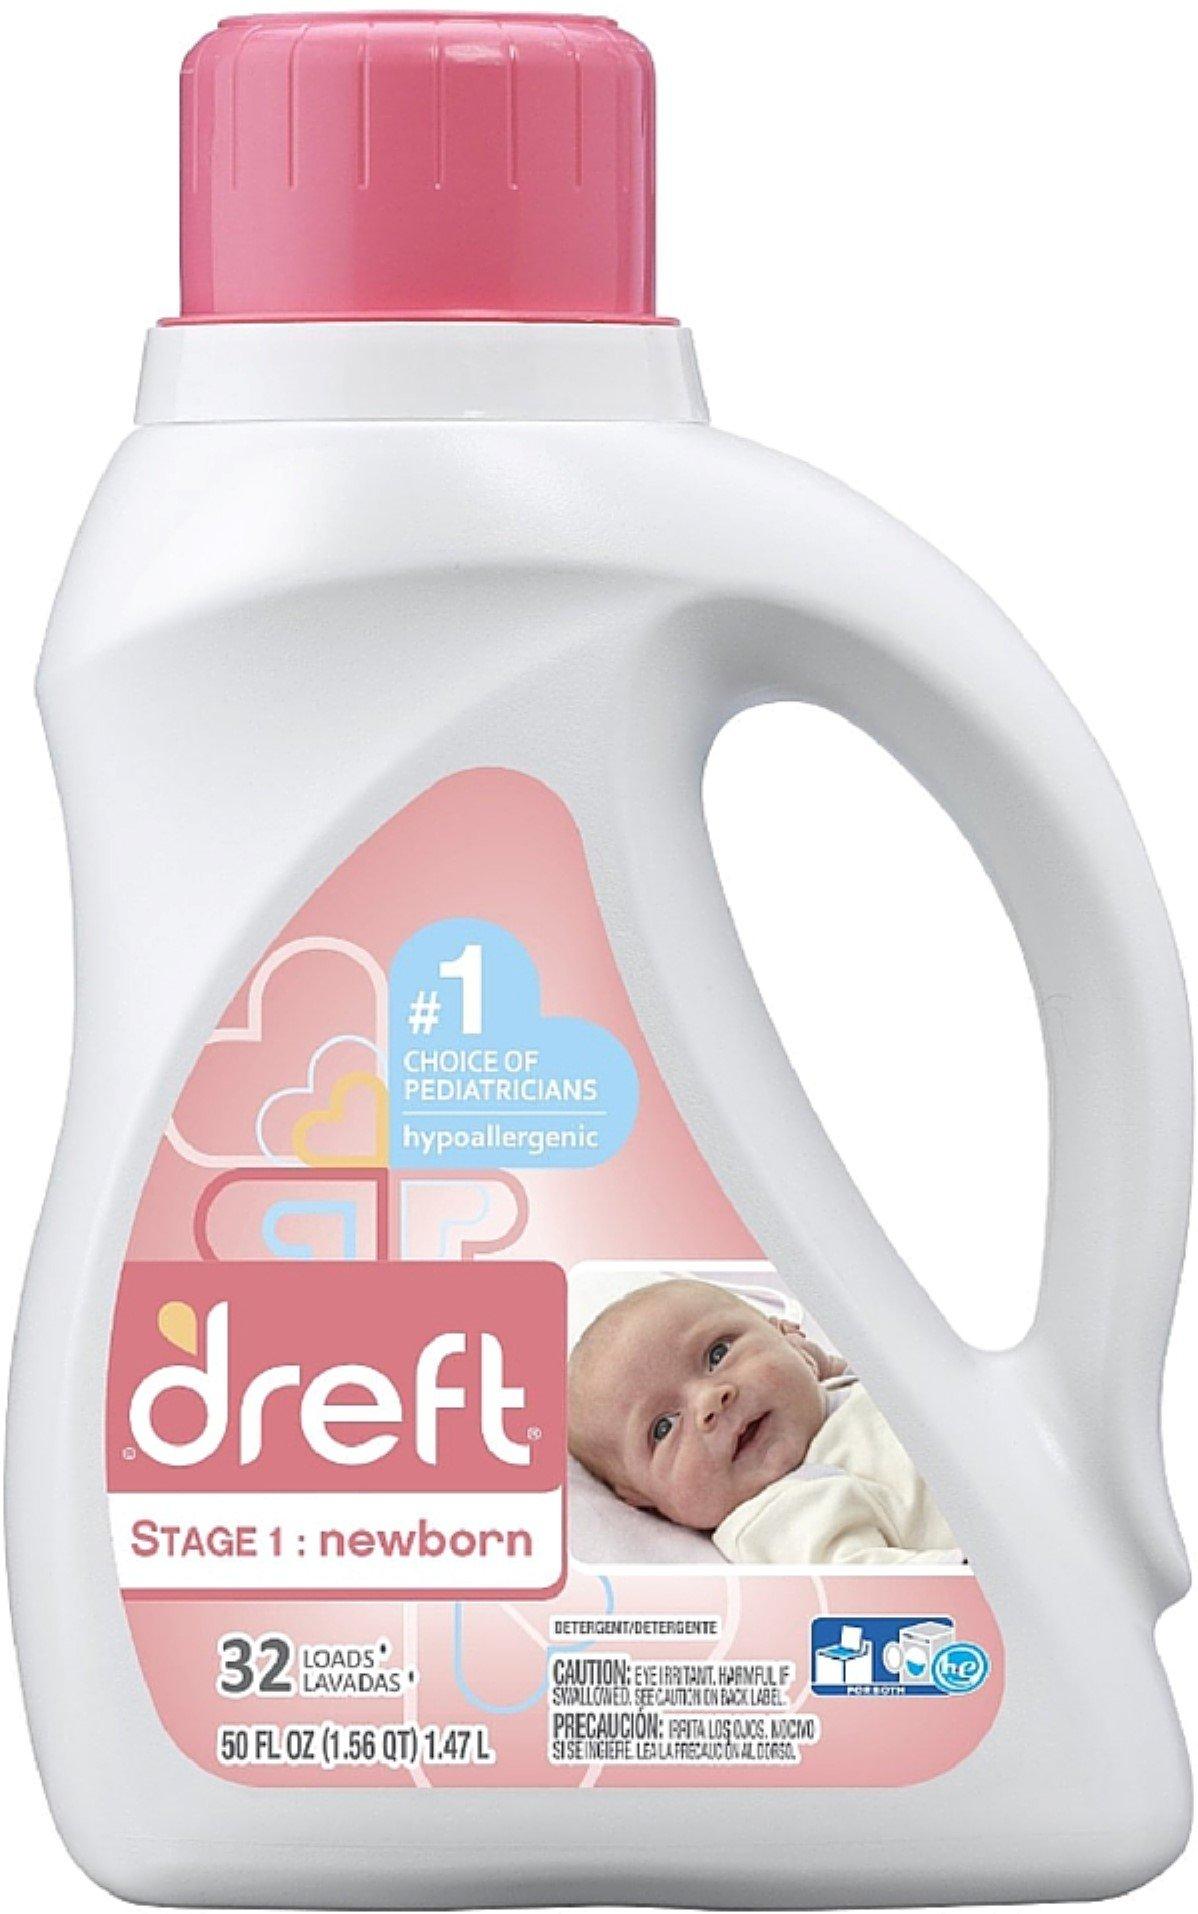 Dreft Stage 1: Newborn Liquid Laundry Detergent 50 oz (Pack of 4) by Dreft